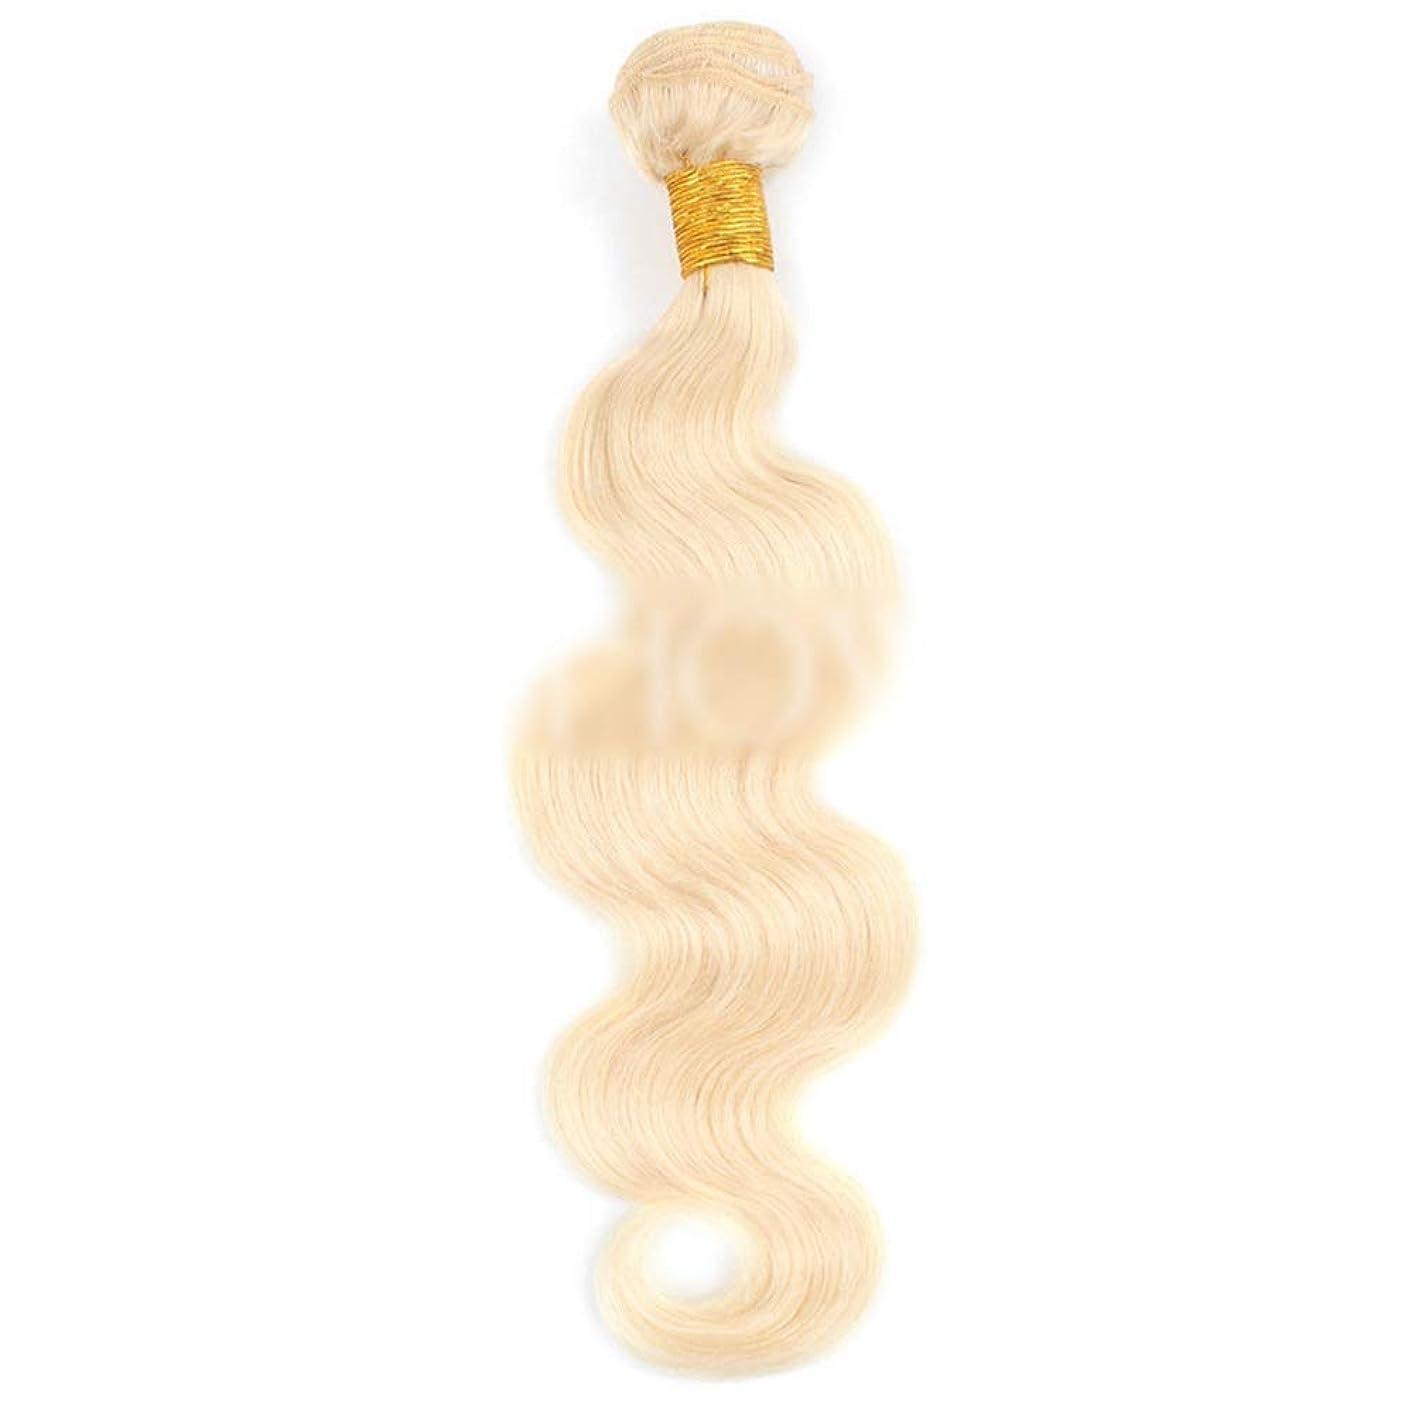 吸い込む吸い込むオークBOBIDYEE ブロンドの人間の髪織りバンドル本物のRemyナチュラルヘアエクステンション横糸 - ボディウェーブ - #613ブロンド(100g / 1バンドル、10インチ-26インチ)合成髪レースかつらロールプレイングウィッグロング&ショート女性自然 (色 : Blonde, サイズ : 18 inch)